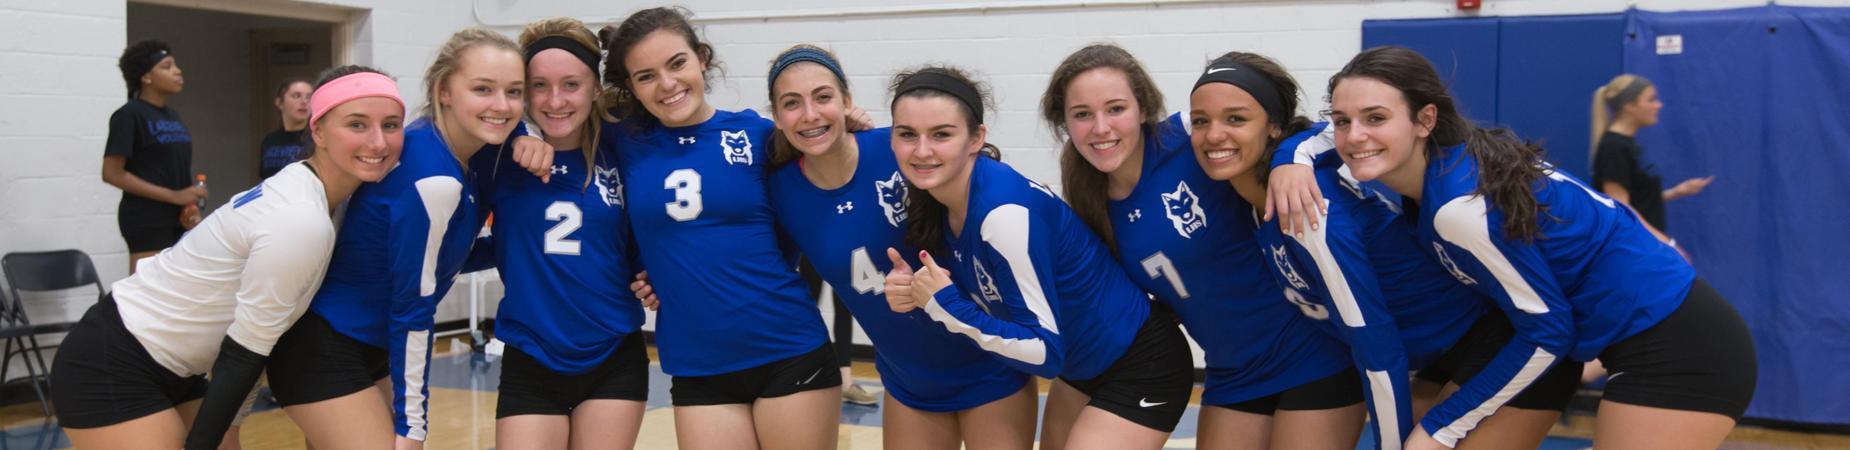 LHS female sports team photo